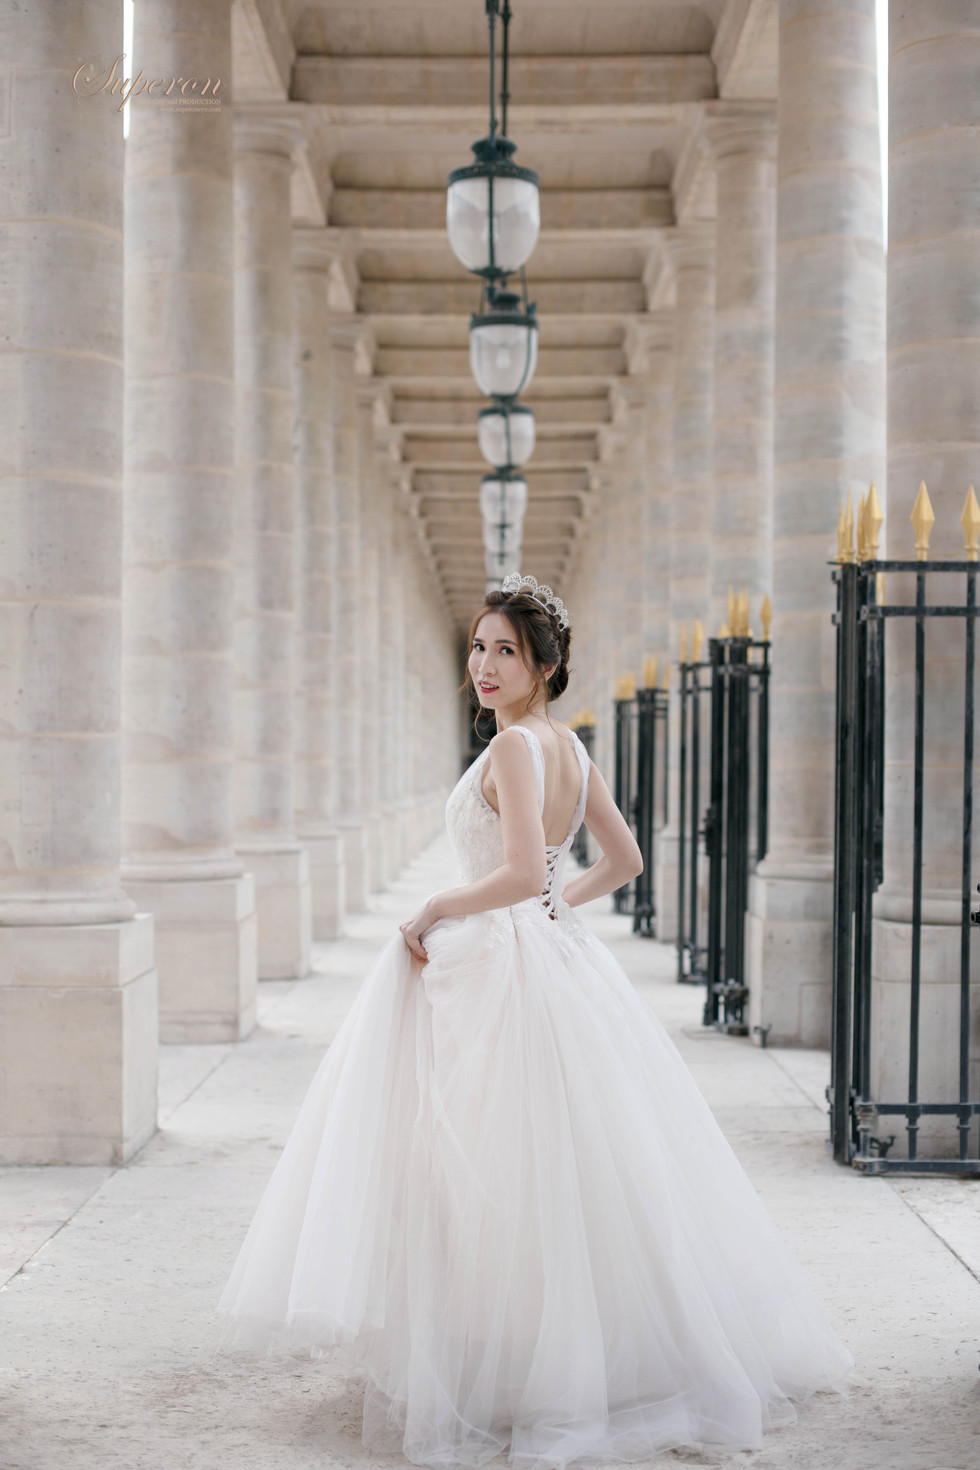 法國巴黎婚紗攝影  海外婚紗攝影 巴黎婚紗照 巴黎當地婚紗攝影師 - paris prewedding -Superoneye Photography